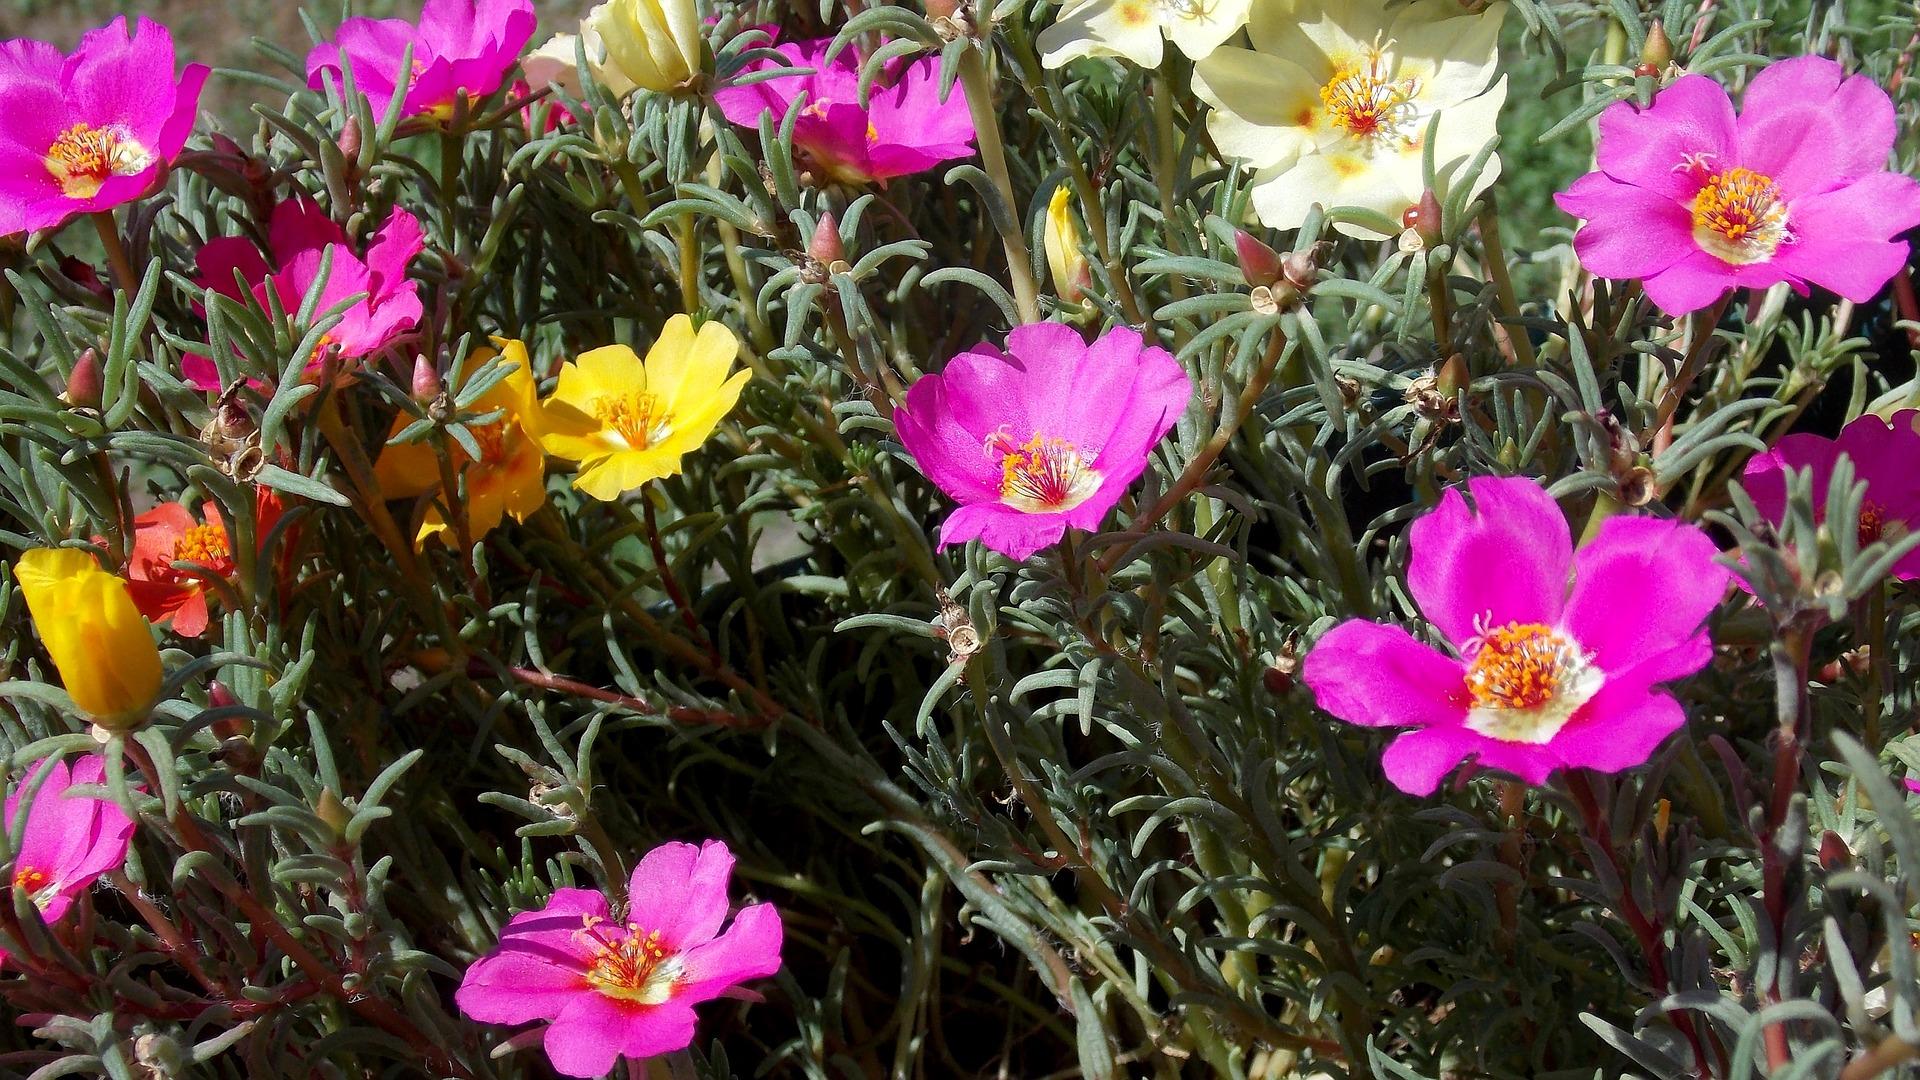 Portulaca grandiflora pianta annuale con foglie carnose, facile da coltivare